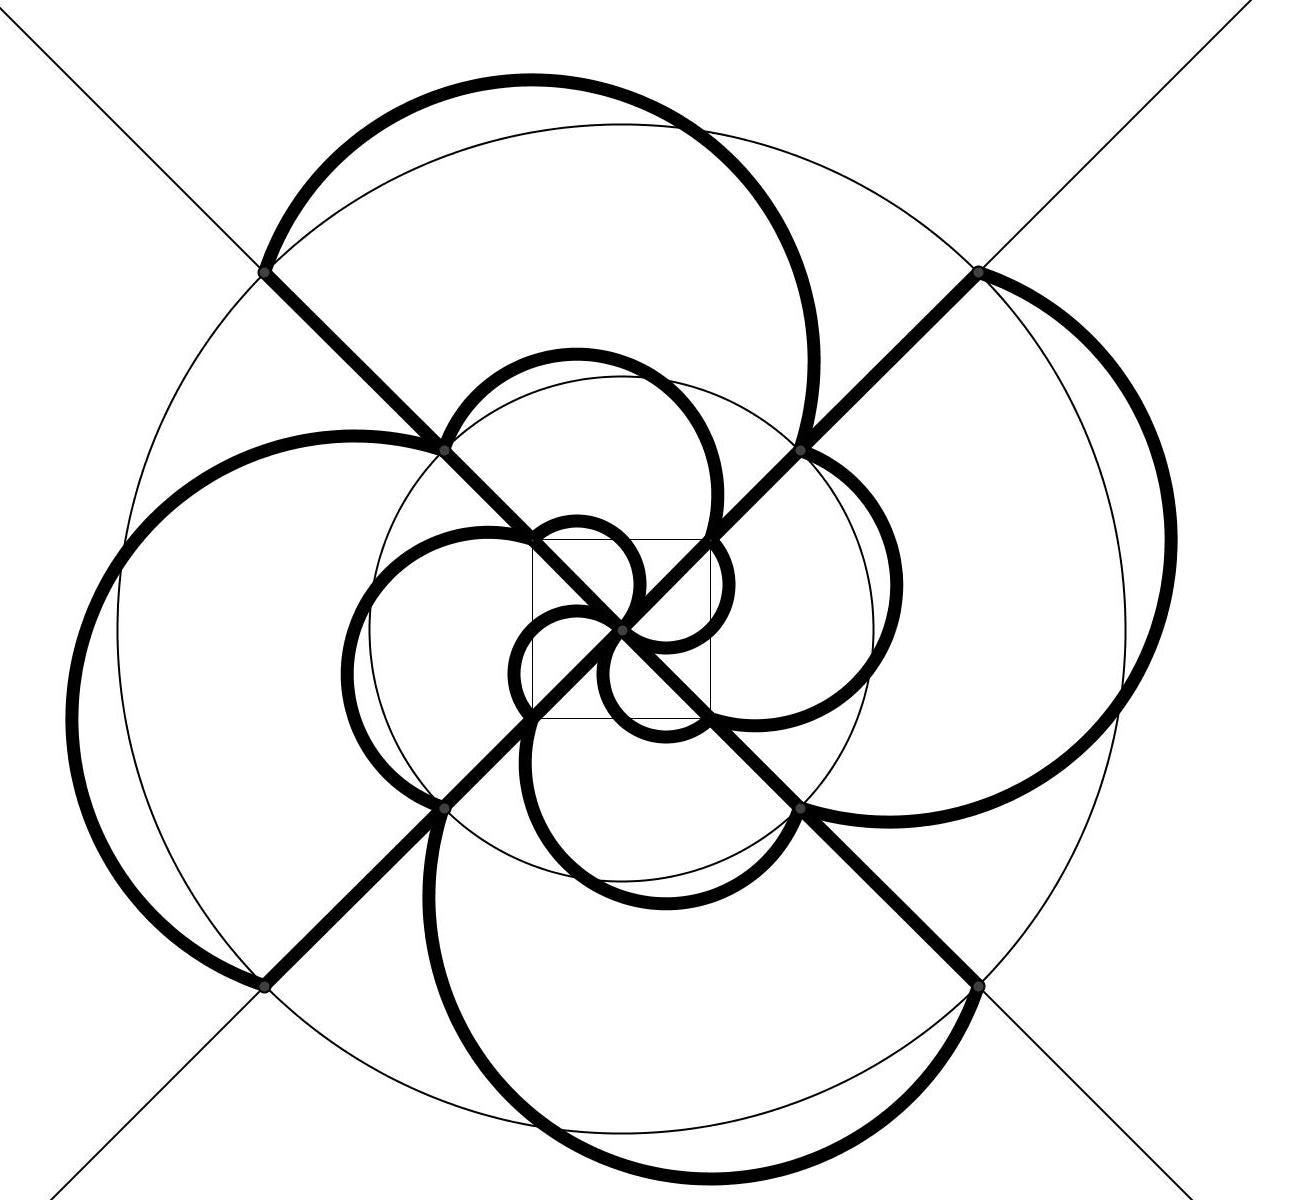 3d Circle Drawing At Getdrawings